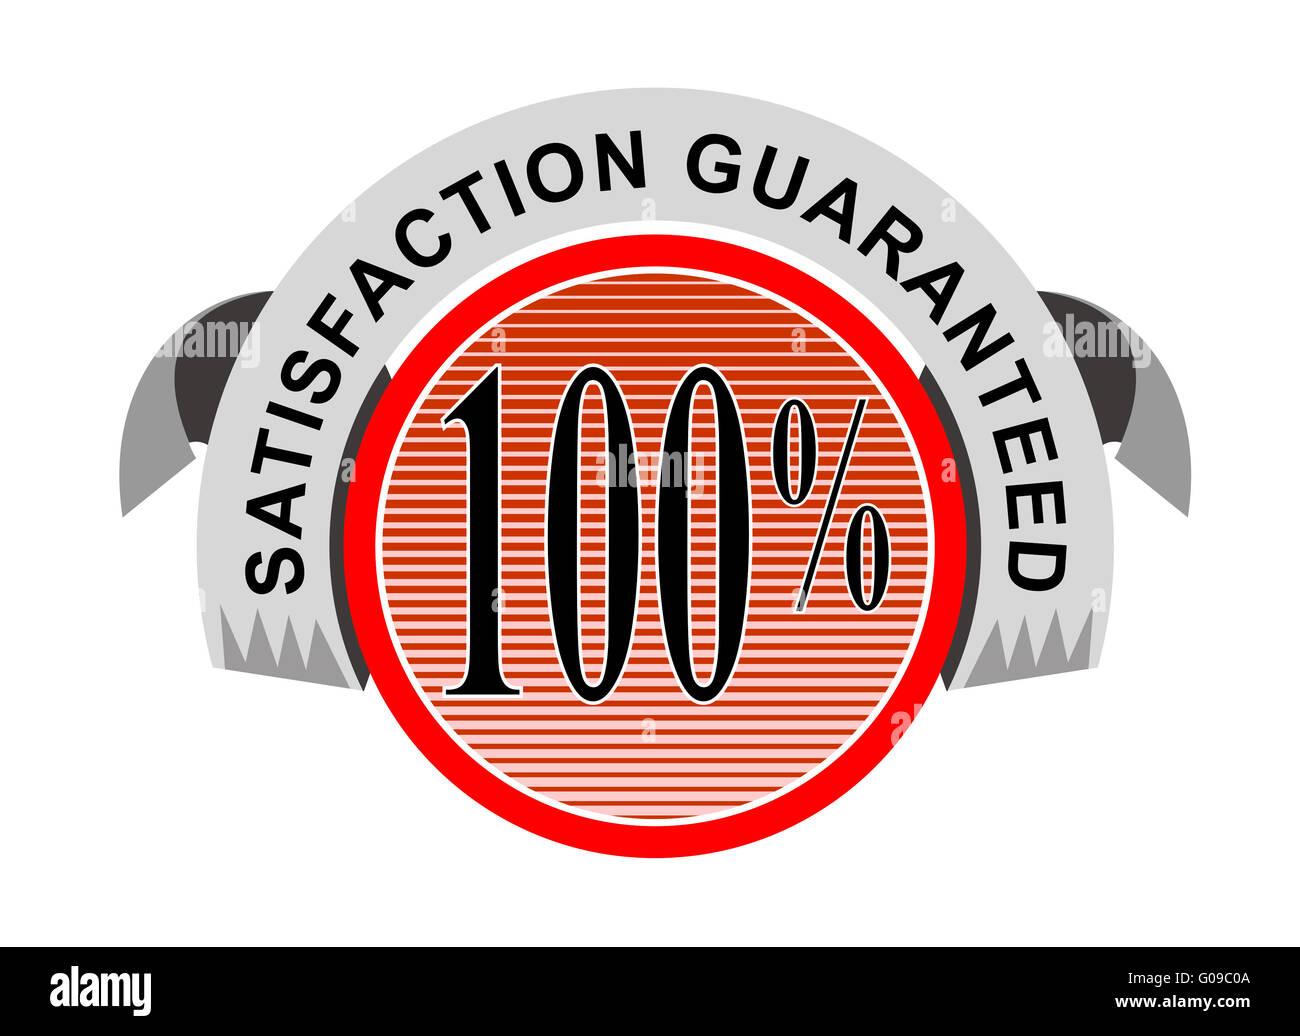 100% Satisfaction Guaranteed Shield Curly Ribbon - Stock Image